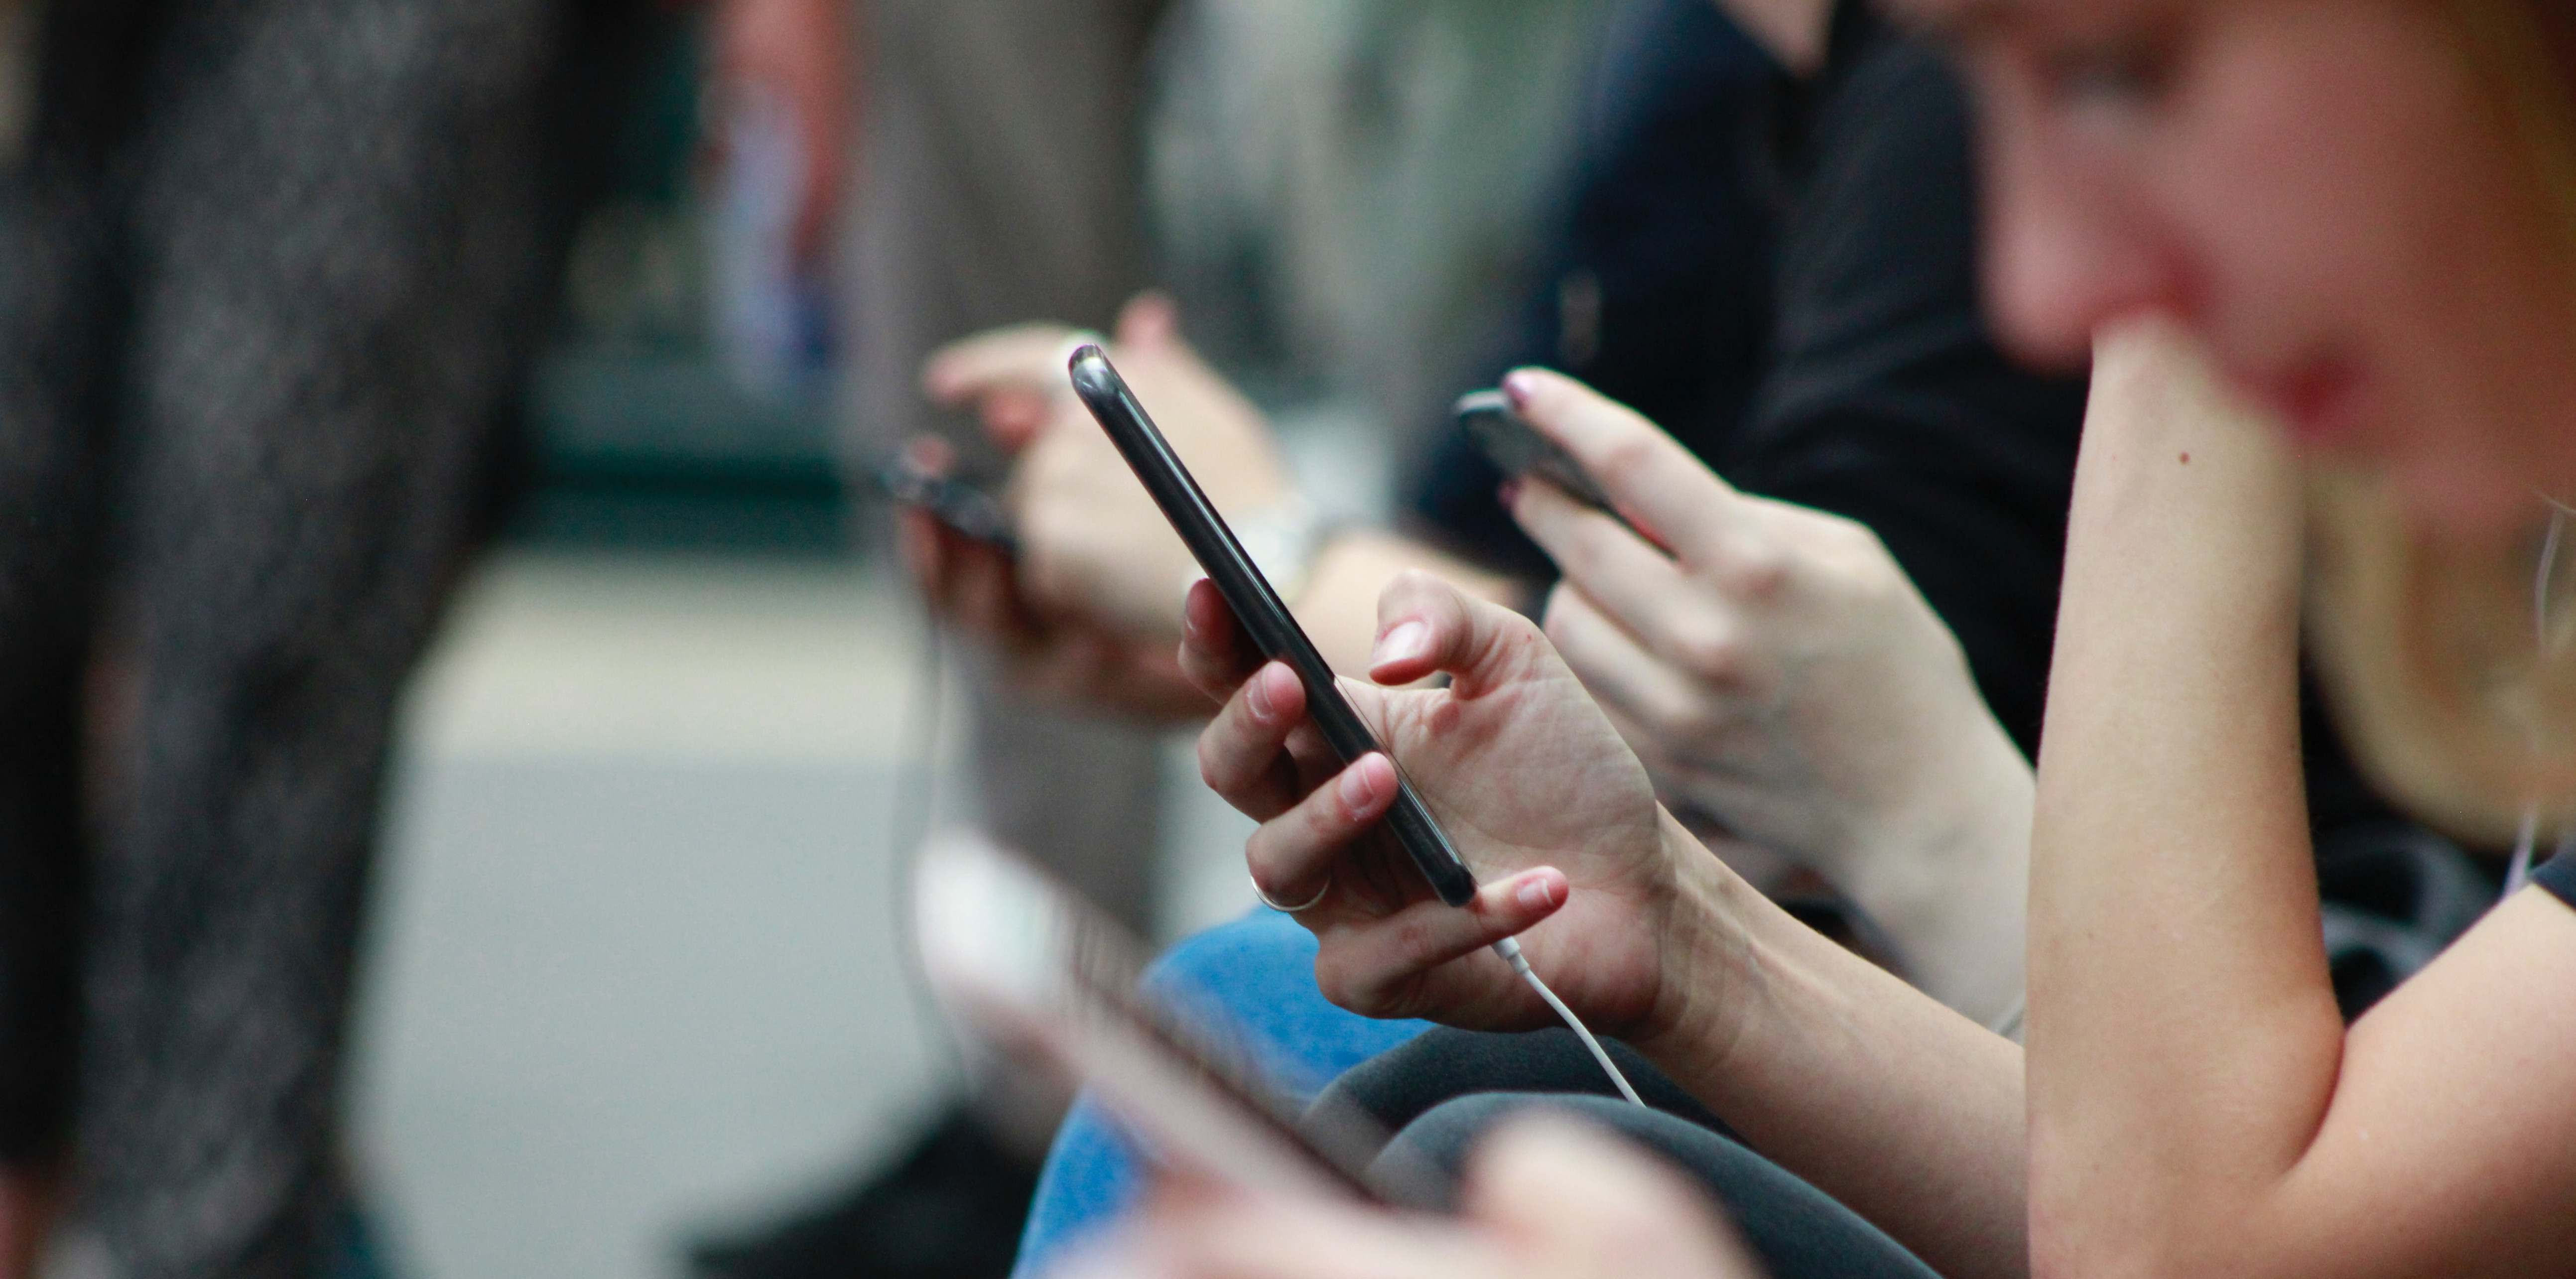 Frau liest auf dem Smartphone Stalkerware aufspüren und Smartphone-Spionage verhindern